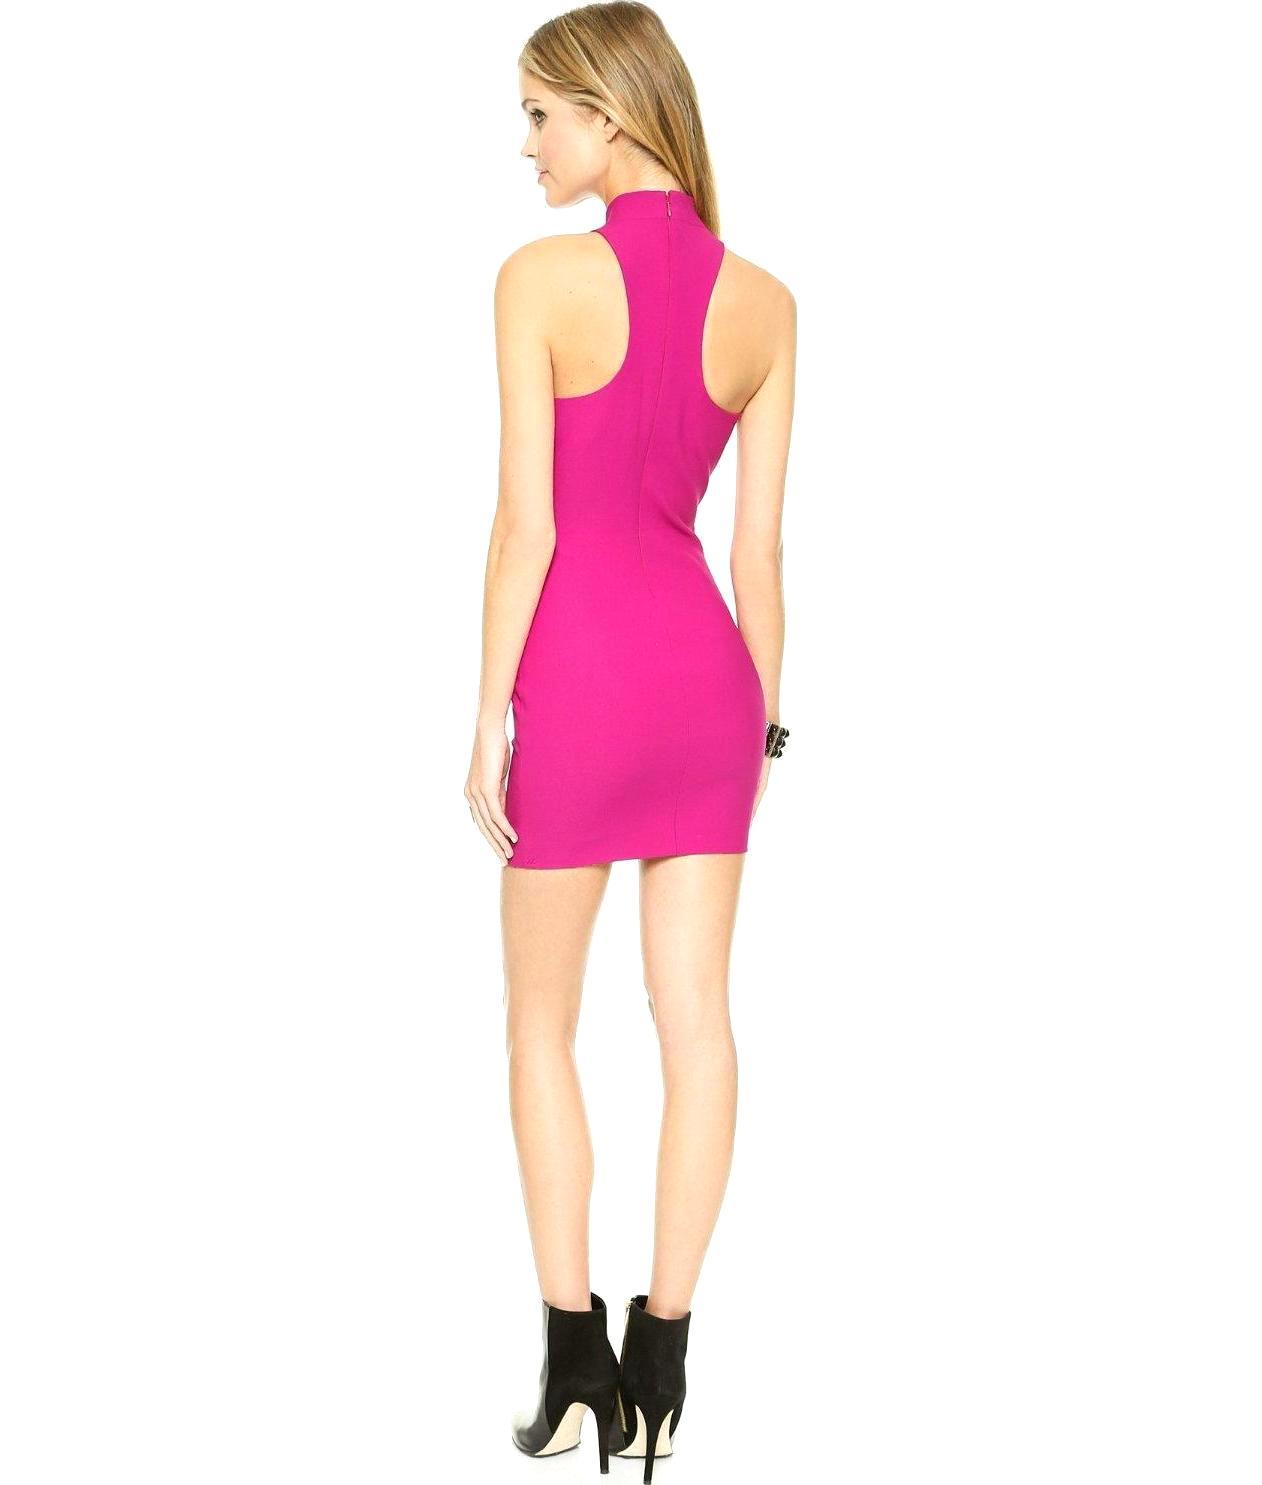 VELVET GRAHAM & SPENCER Modal Knit Ruched Skirt Dress